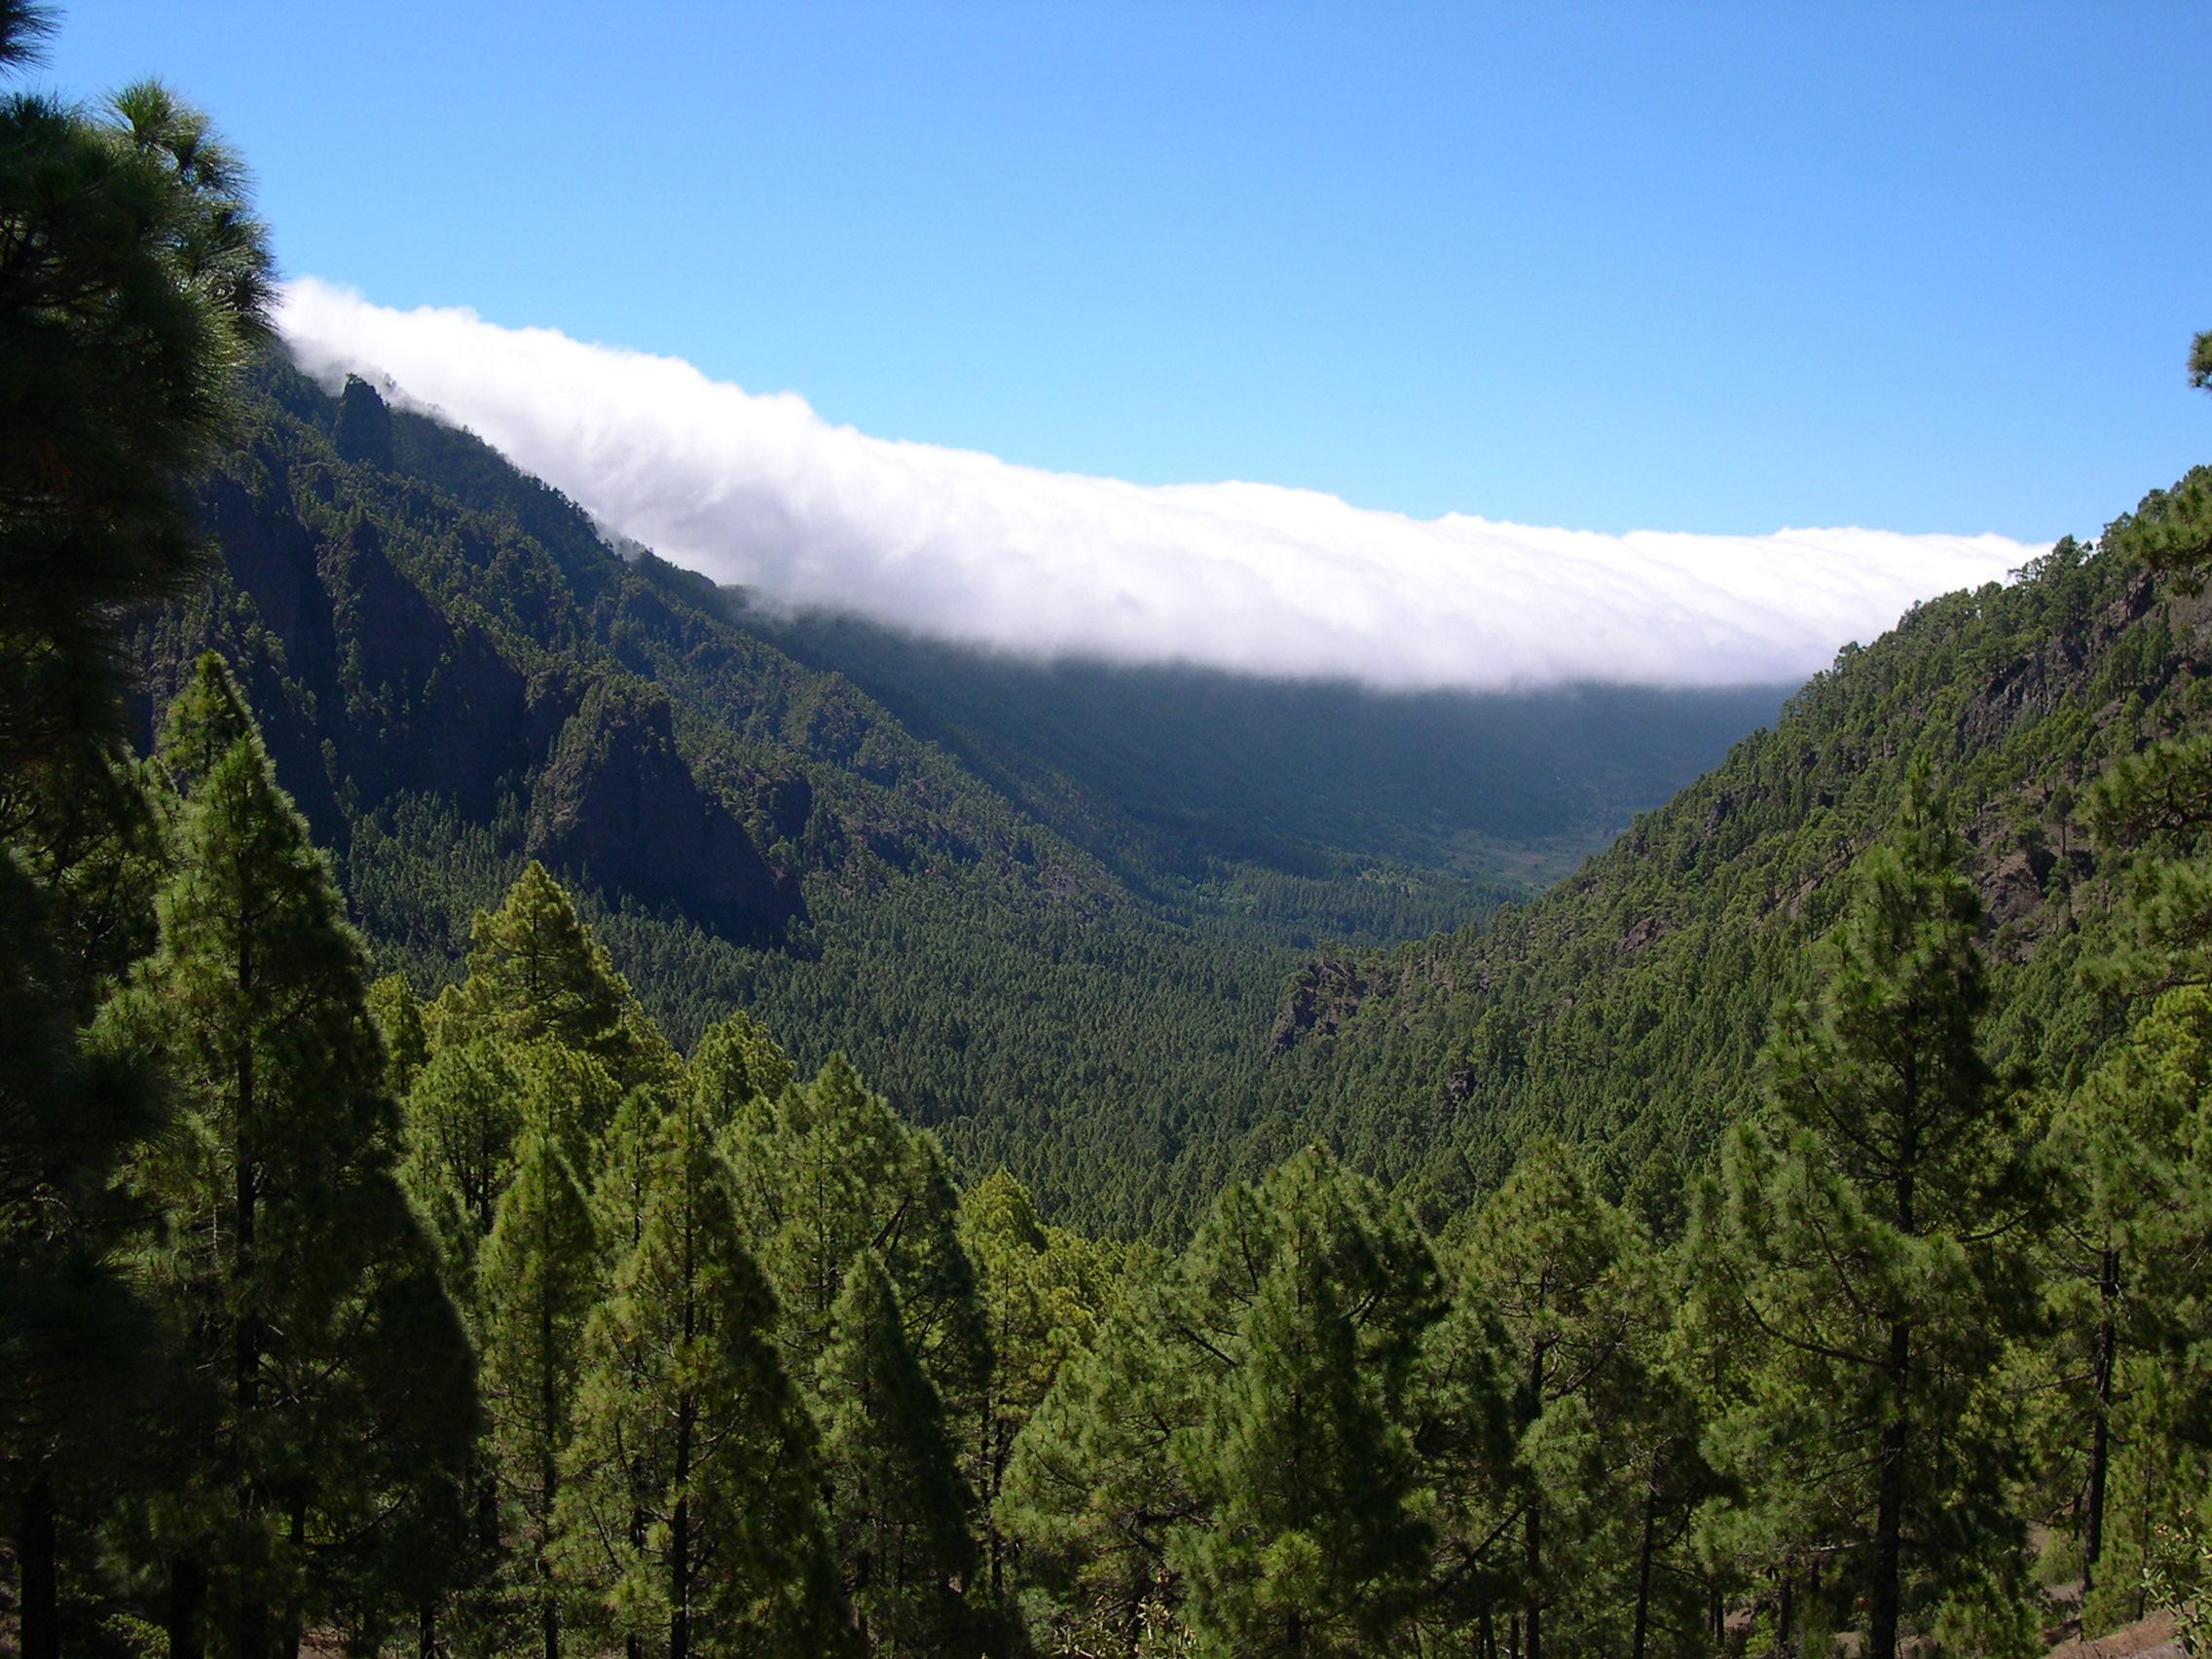 Archivo:Caldera de Taburiente La Palma.jpg